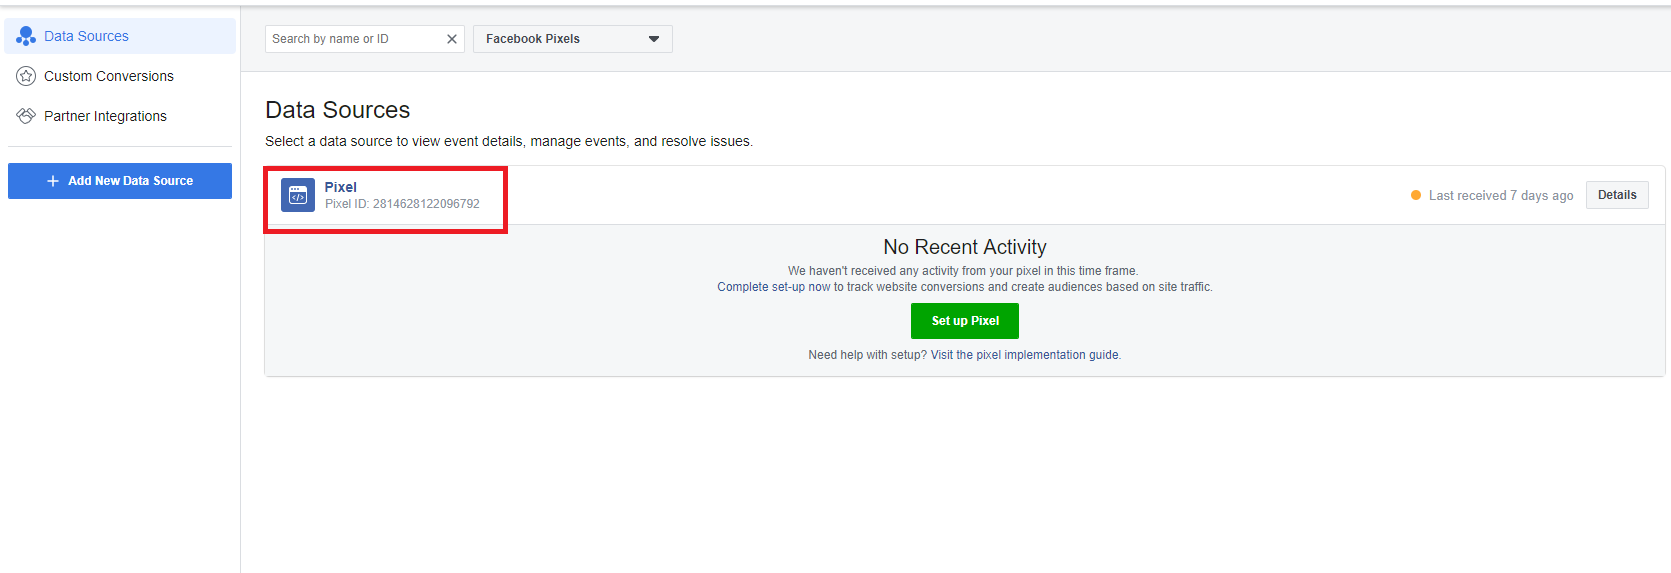 Comment supprimer mon juste Hook up compte Comment choisir un bon nom d'utilisateur pour les rencontres en ligne